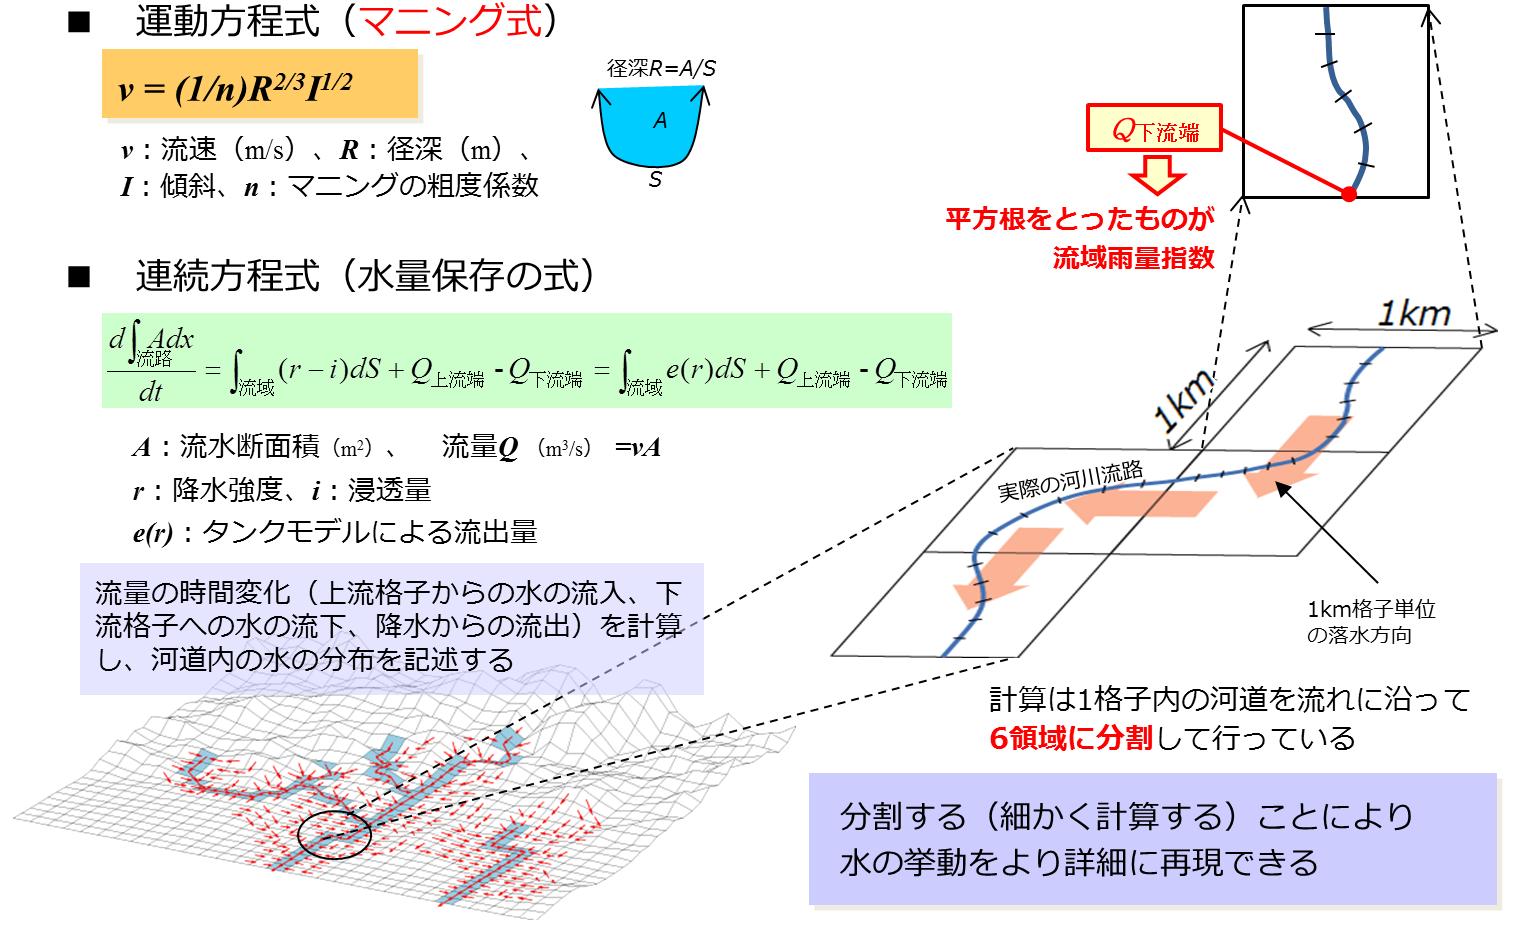 気象庁|流域雨量指数